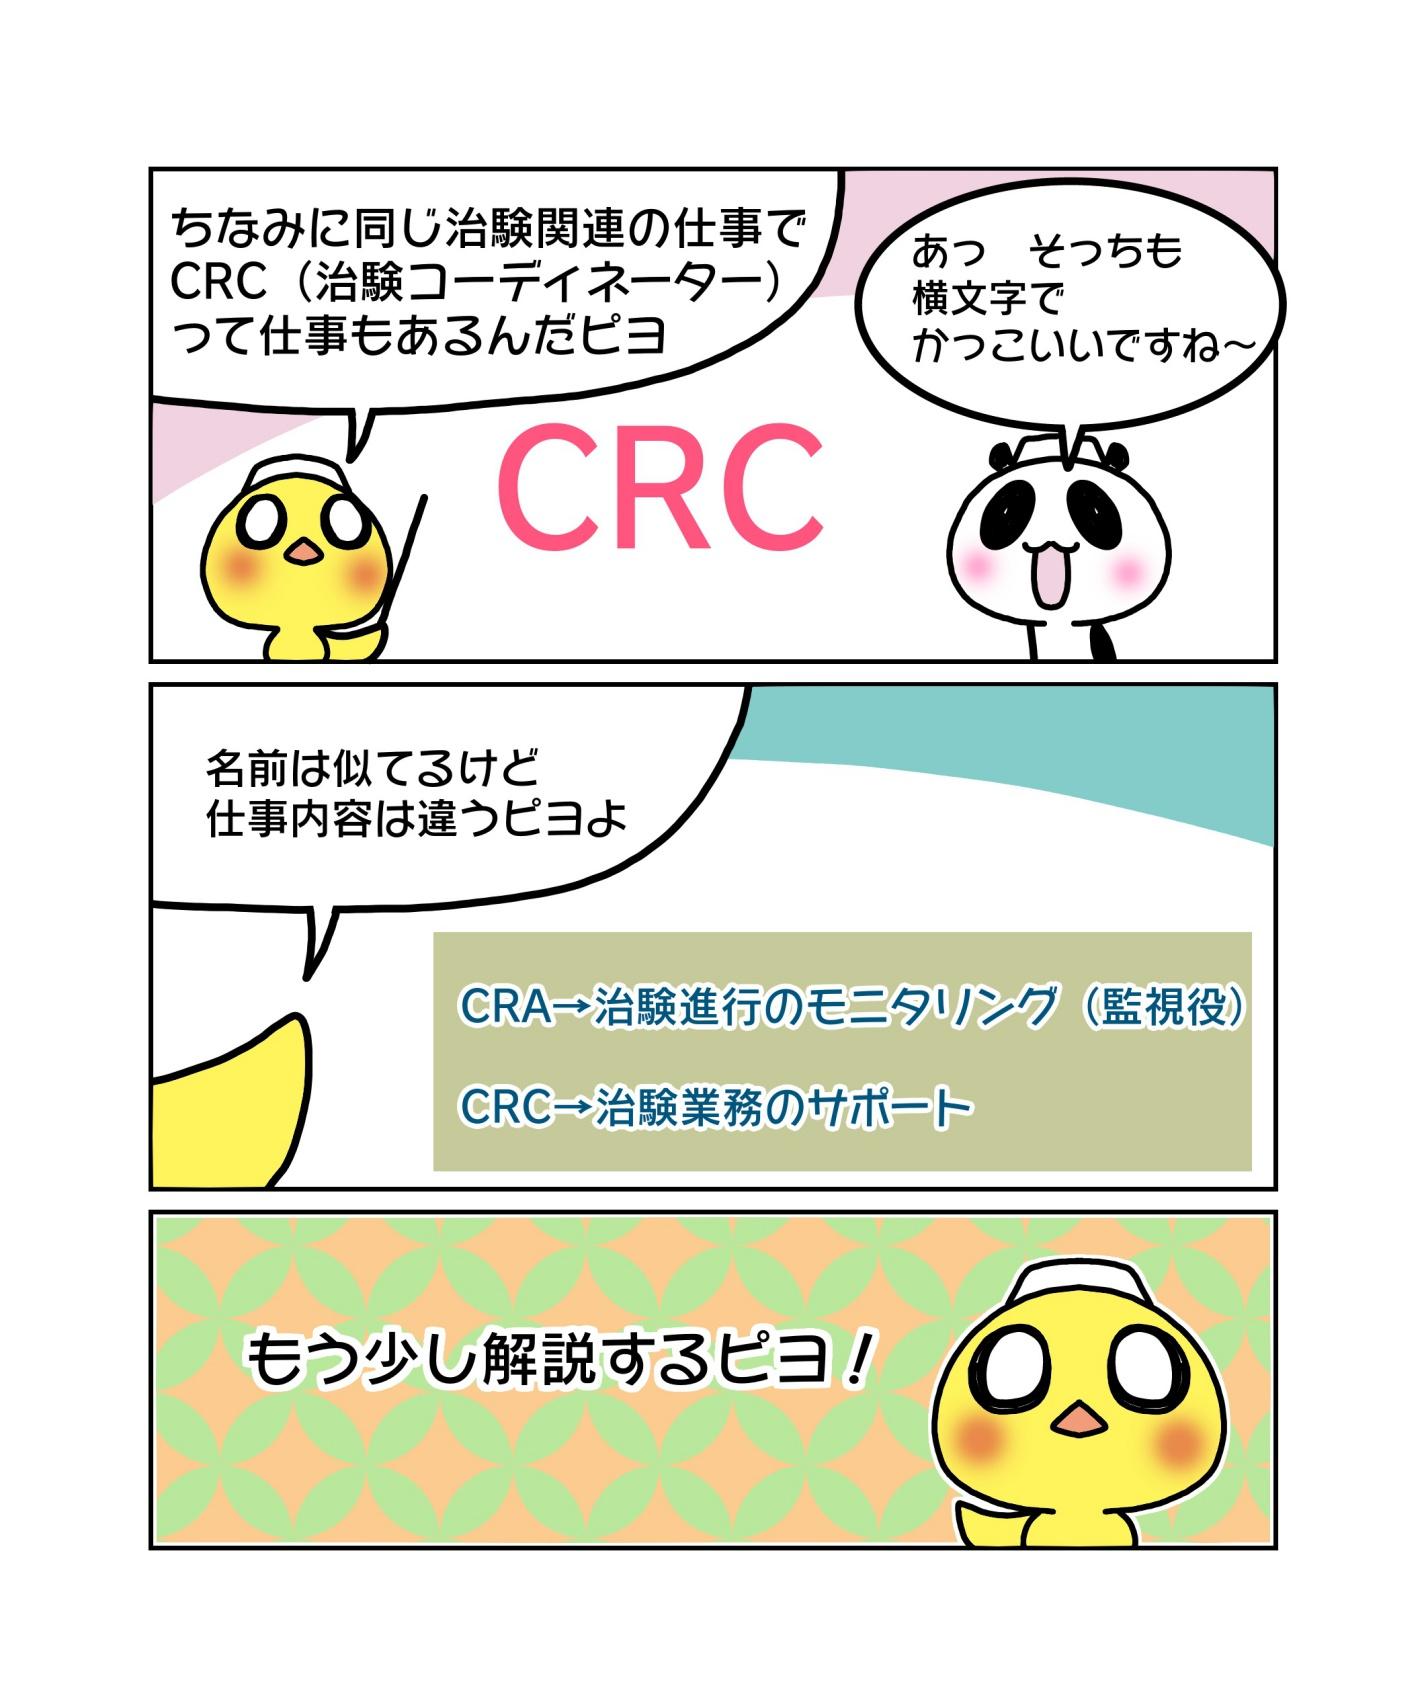 『CRAとCRC(治験コーディネーター)との違いは?看護師はどちらへの転職が良い?』マンガ